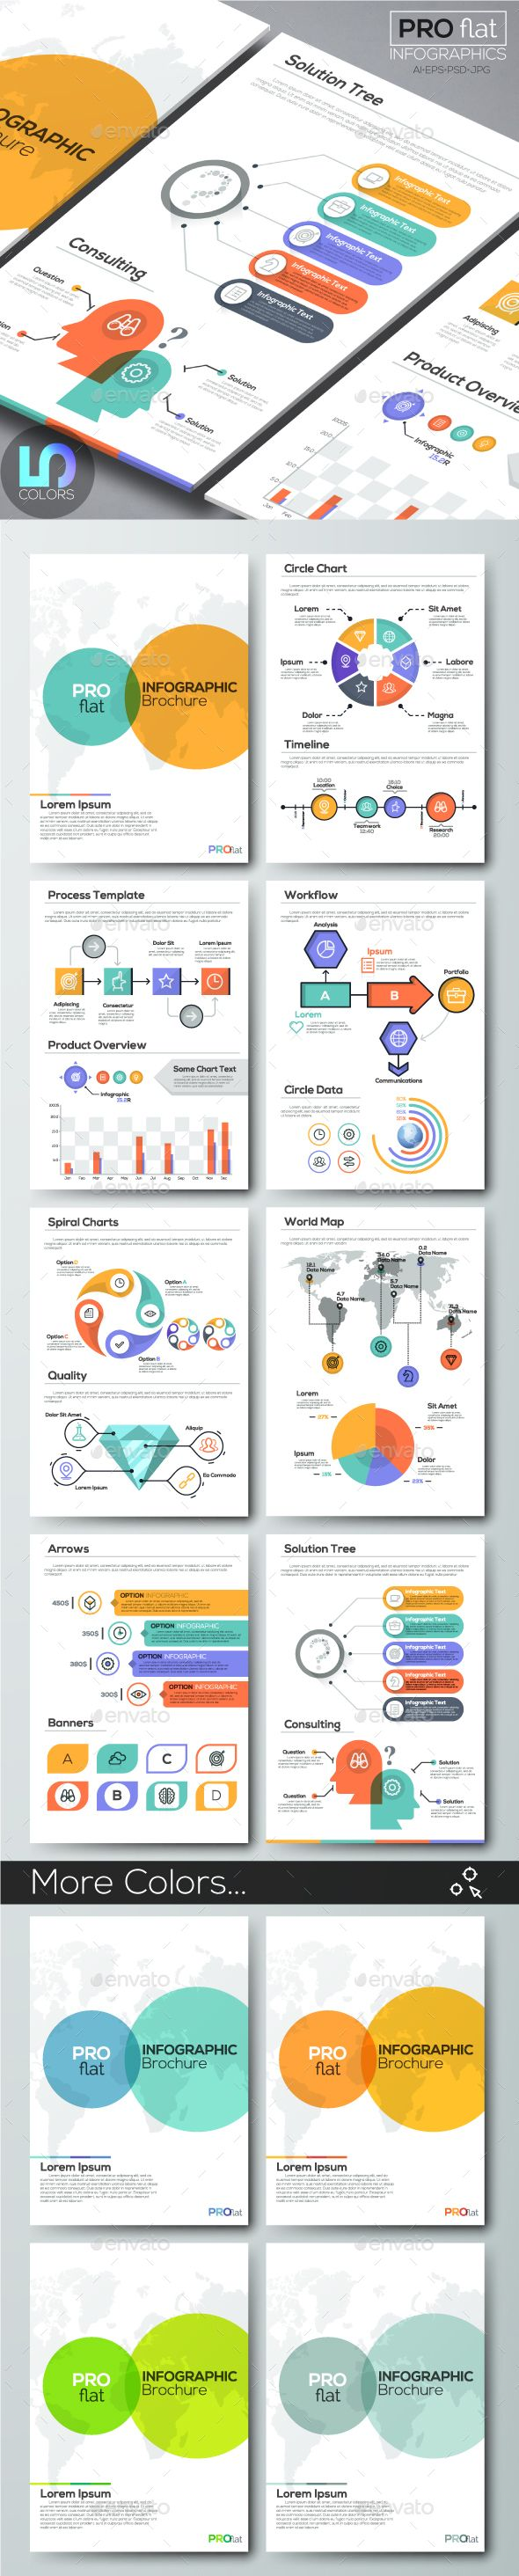 Pro Flat Infographic Brochure Set Colors Color Photoshop - Infographic brochure template